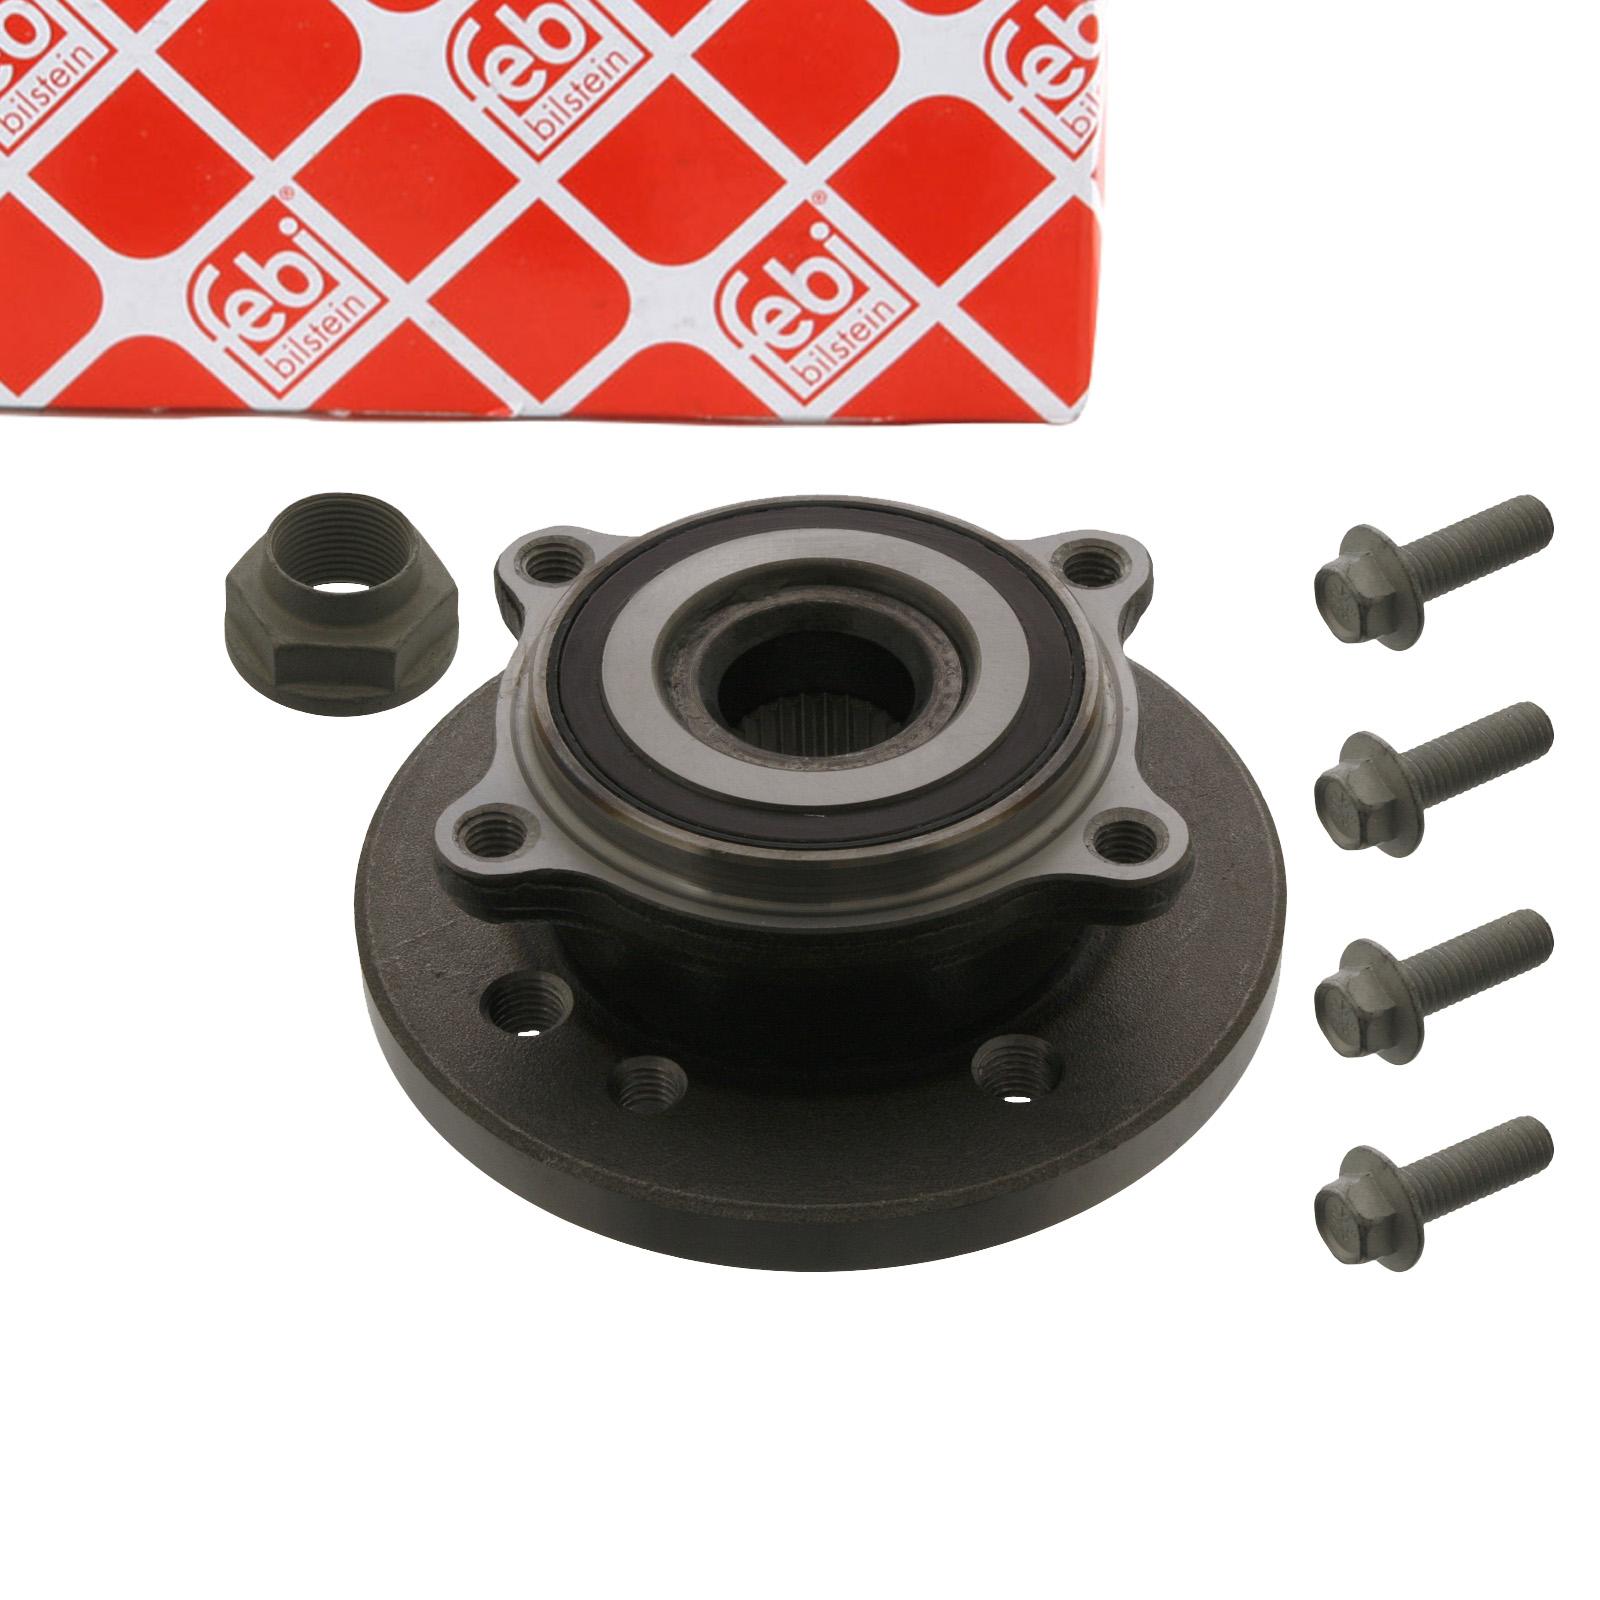 FEBI 37106 Radlagersatz Radnabe MINI R50 R53 R52 One Cooper/S S Works vorne 31226756889